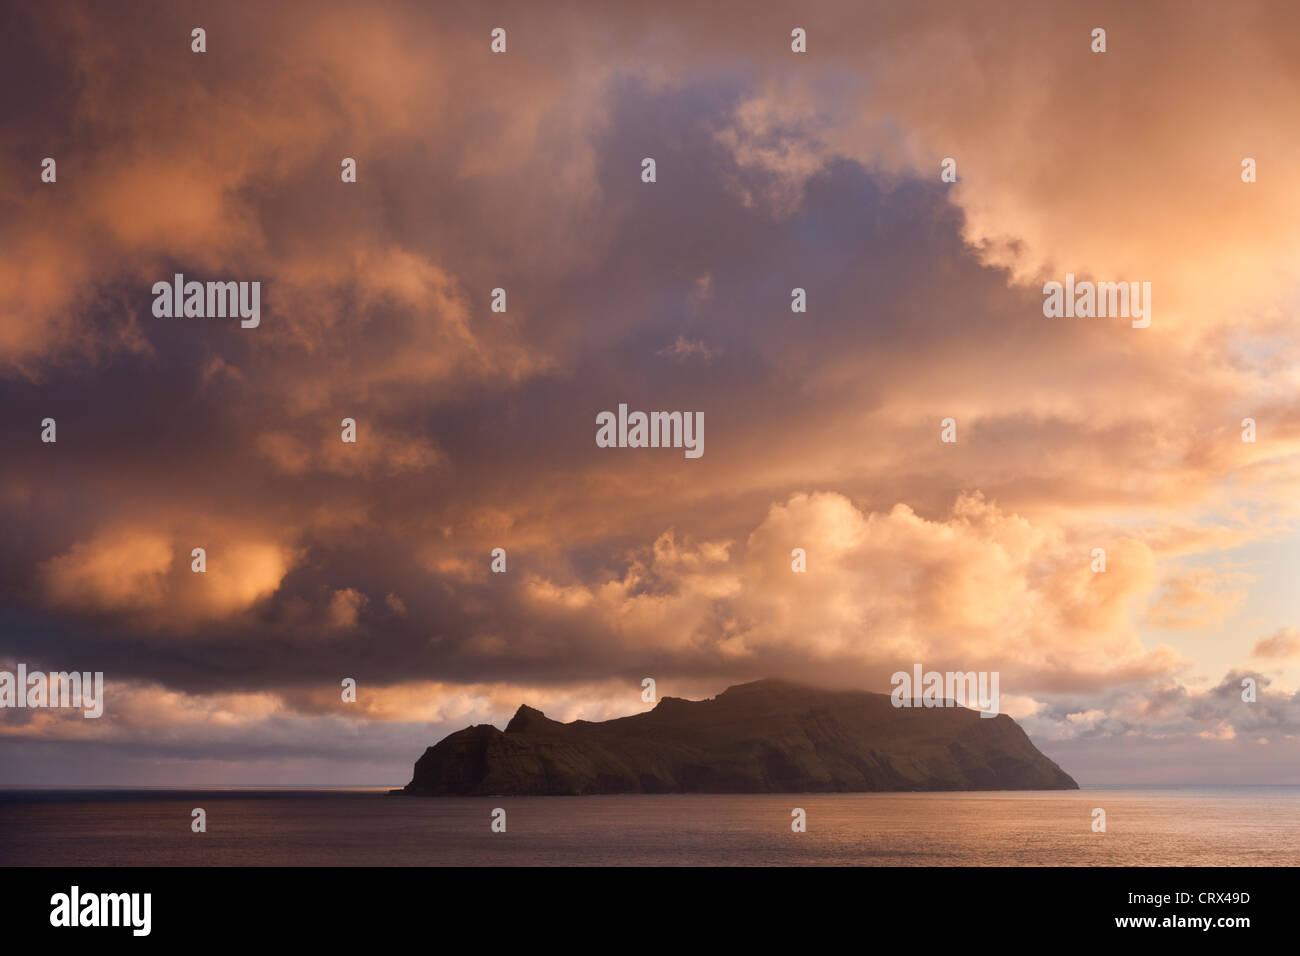 Tramonto spettacolare cieli sopra l'isola di Mykines, Isole Faerøer. Molla (Maggio 2012). Immagini Stock